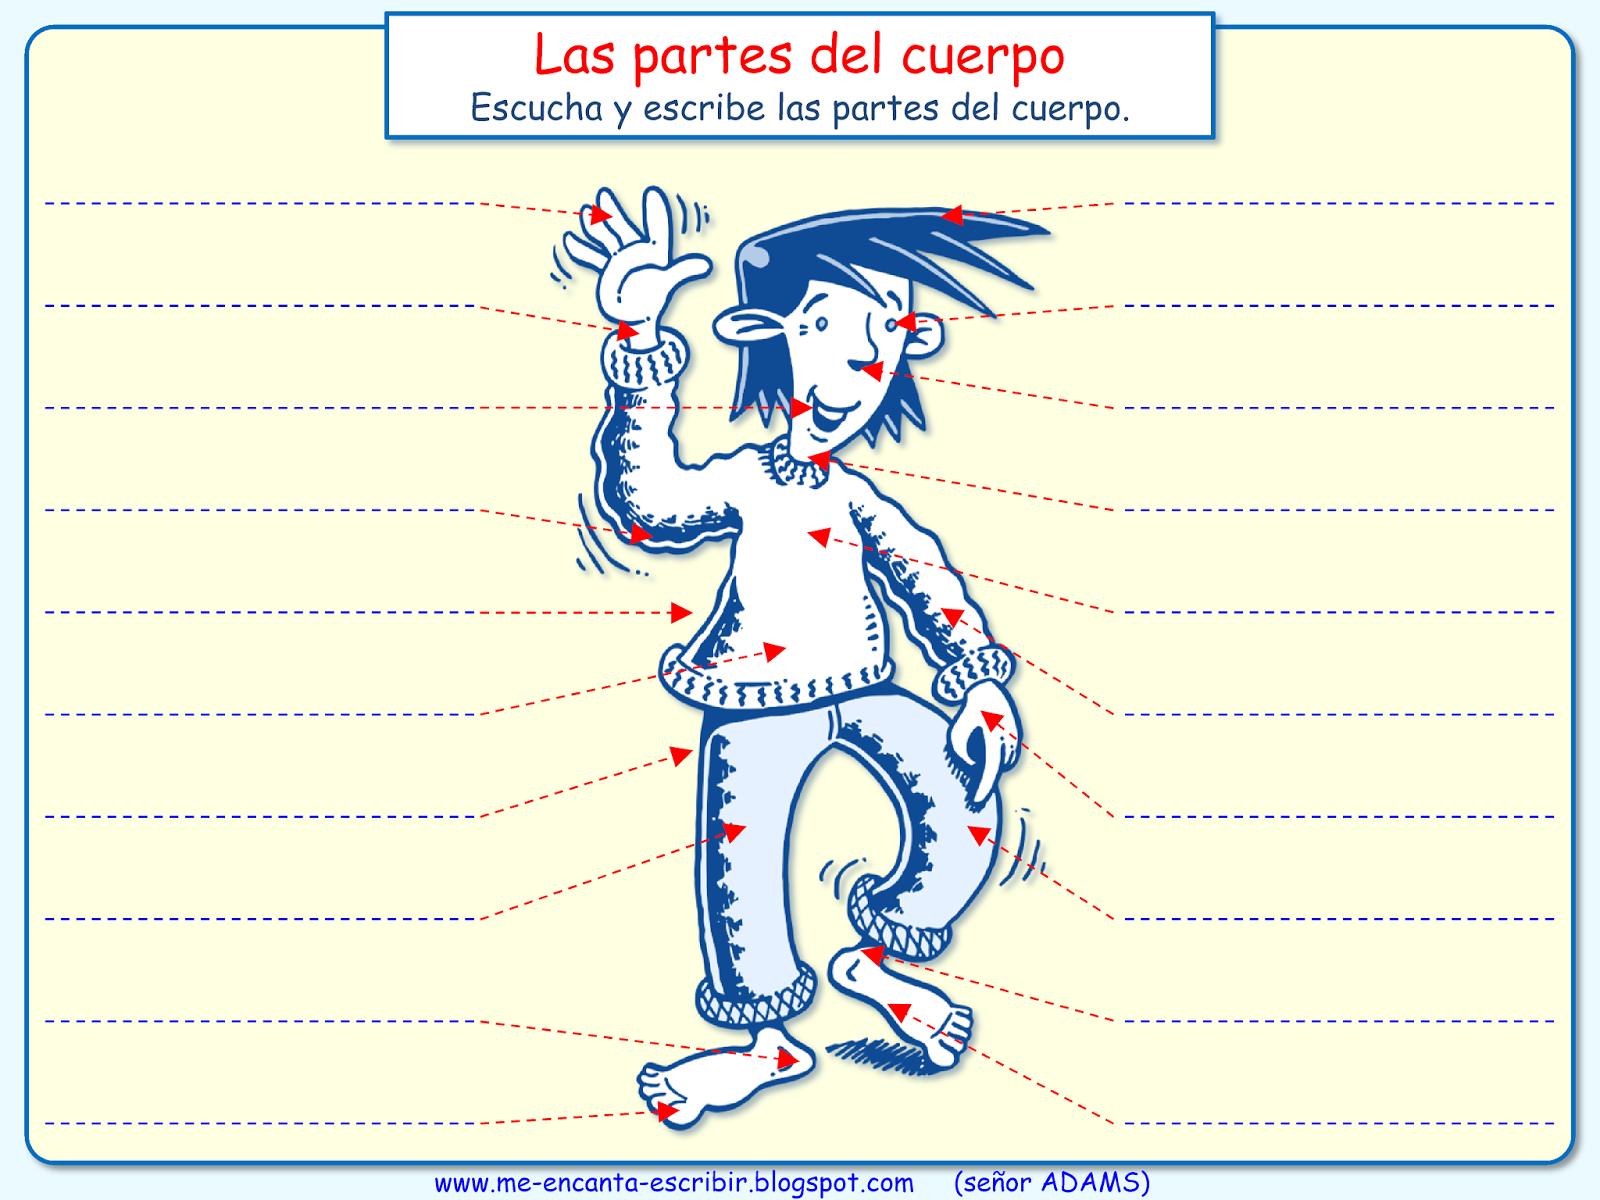 Me encanta escribir en español: Las partes del cuerpo (dictado)